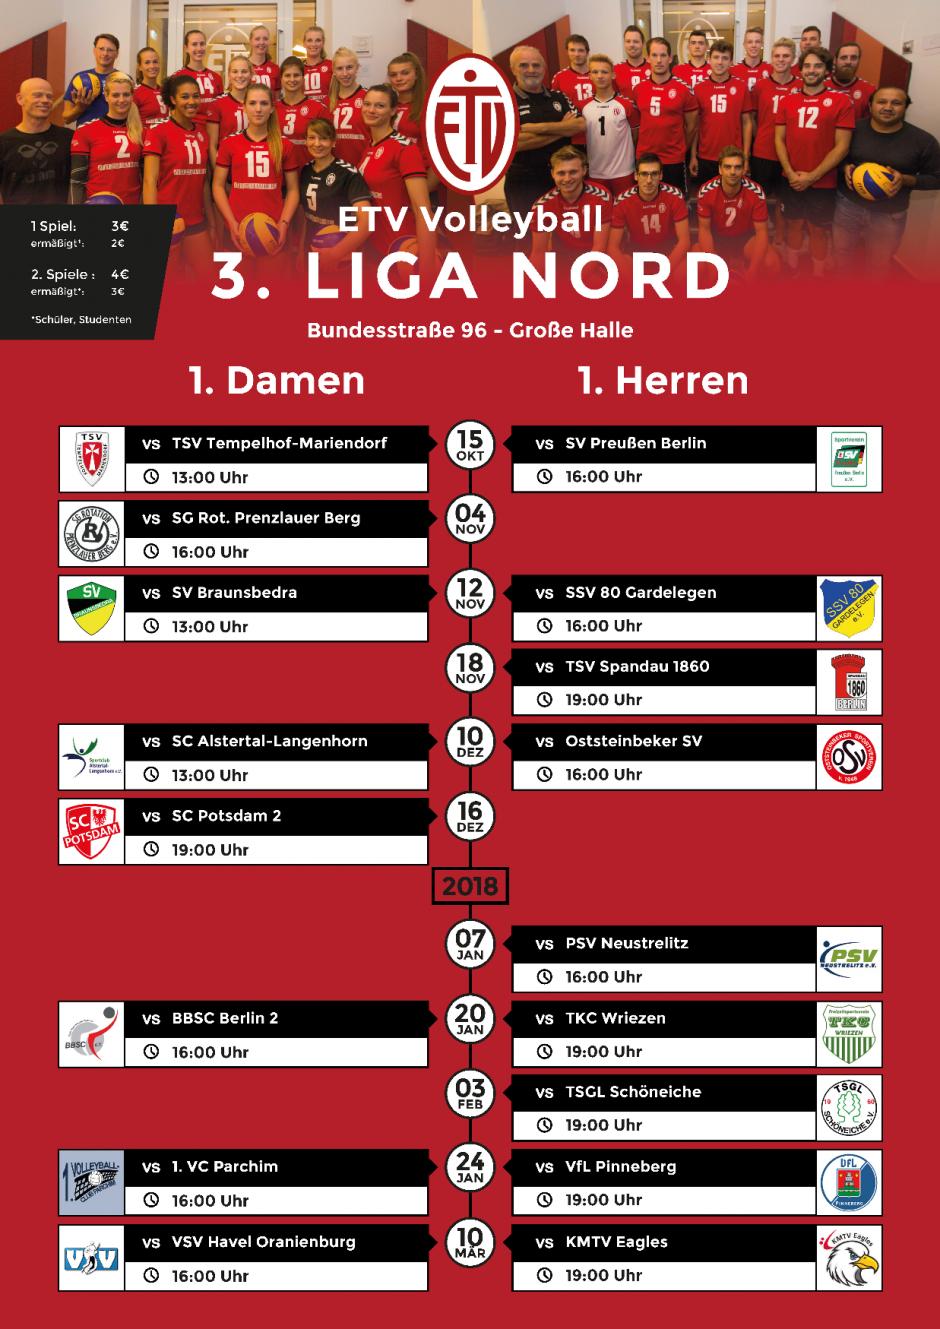 Alle Heimspiele unserer Drittligisten in der Bundesstr. 96